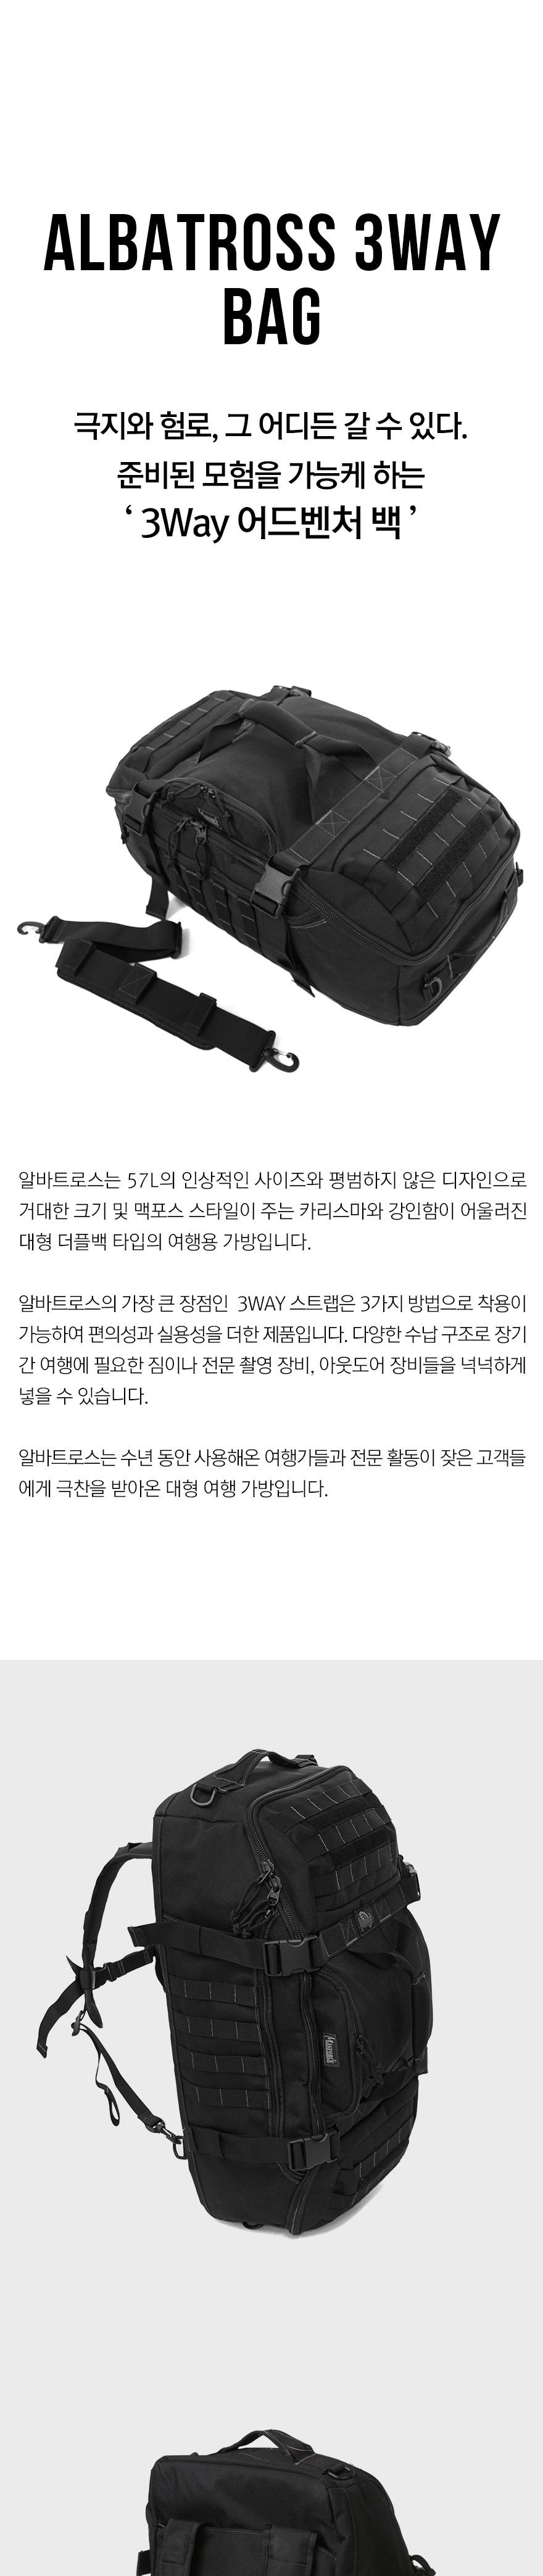 맥포스(MAGFORCE) 알바트로스 3웨이백 - 블랙